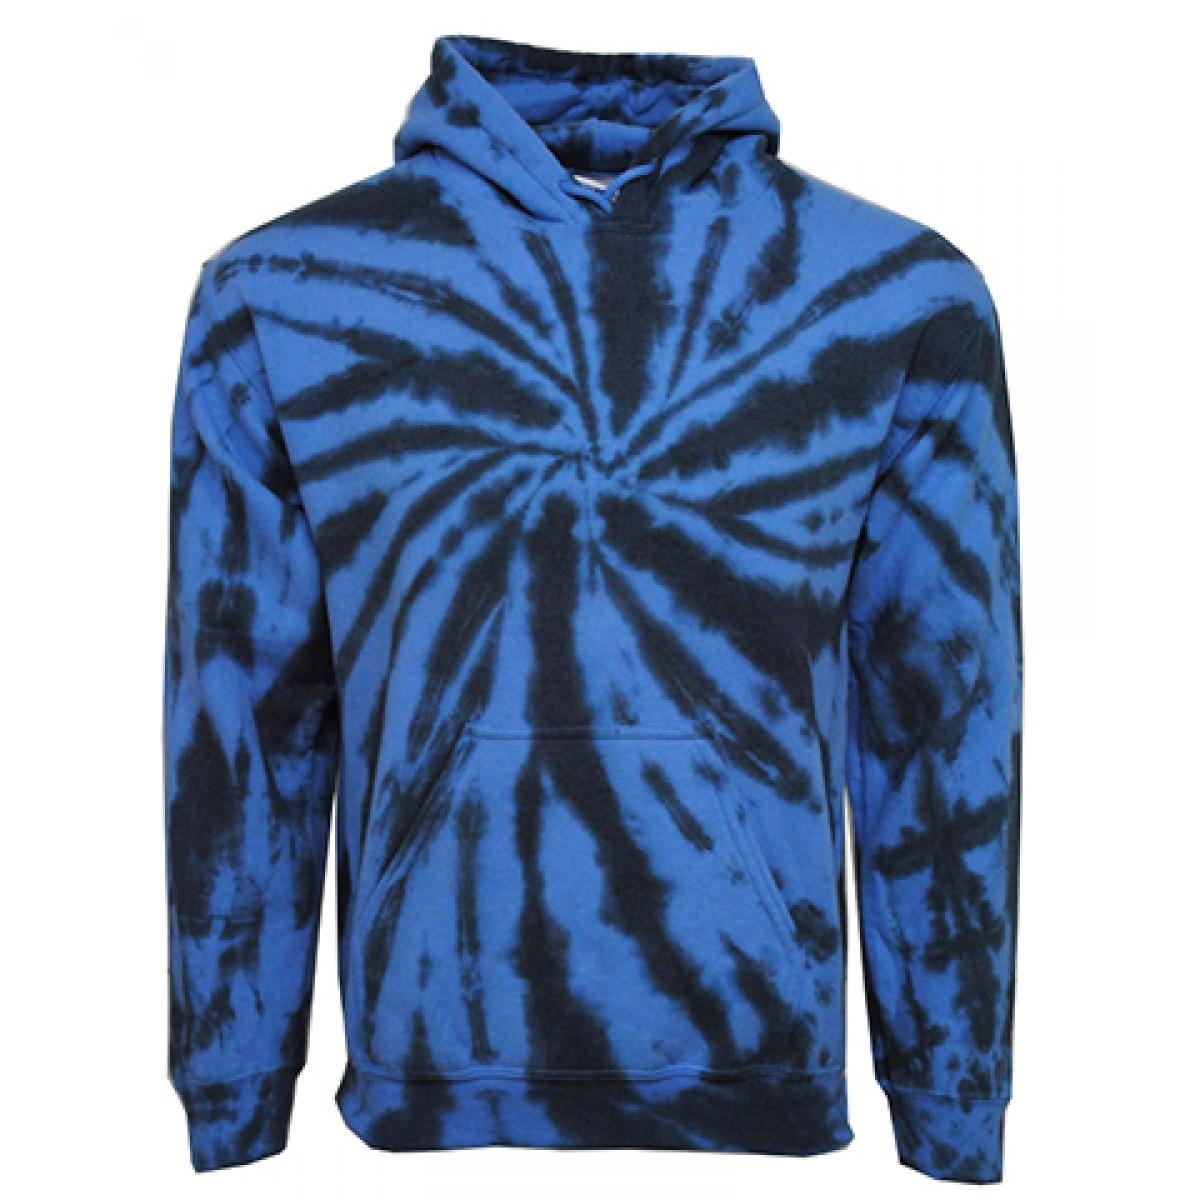 Tie die Hooded Sweatshirts  50/50 Heavy Blend